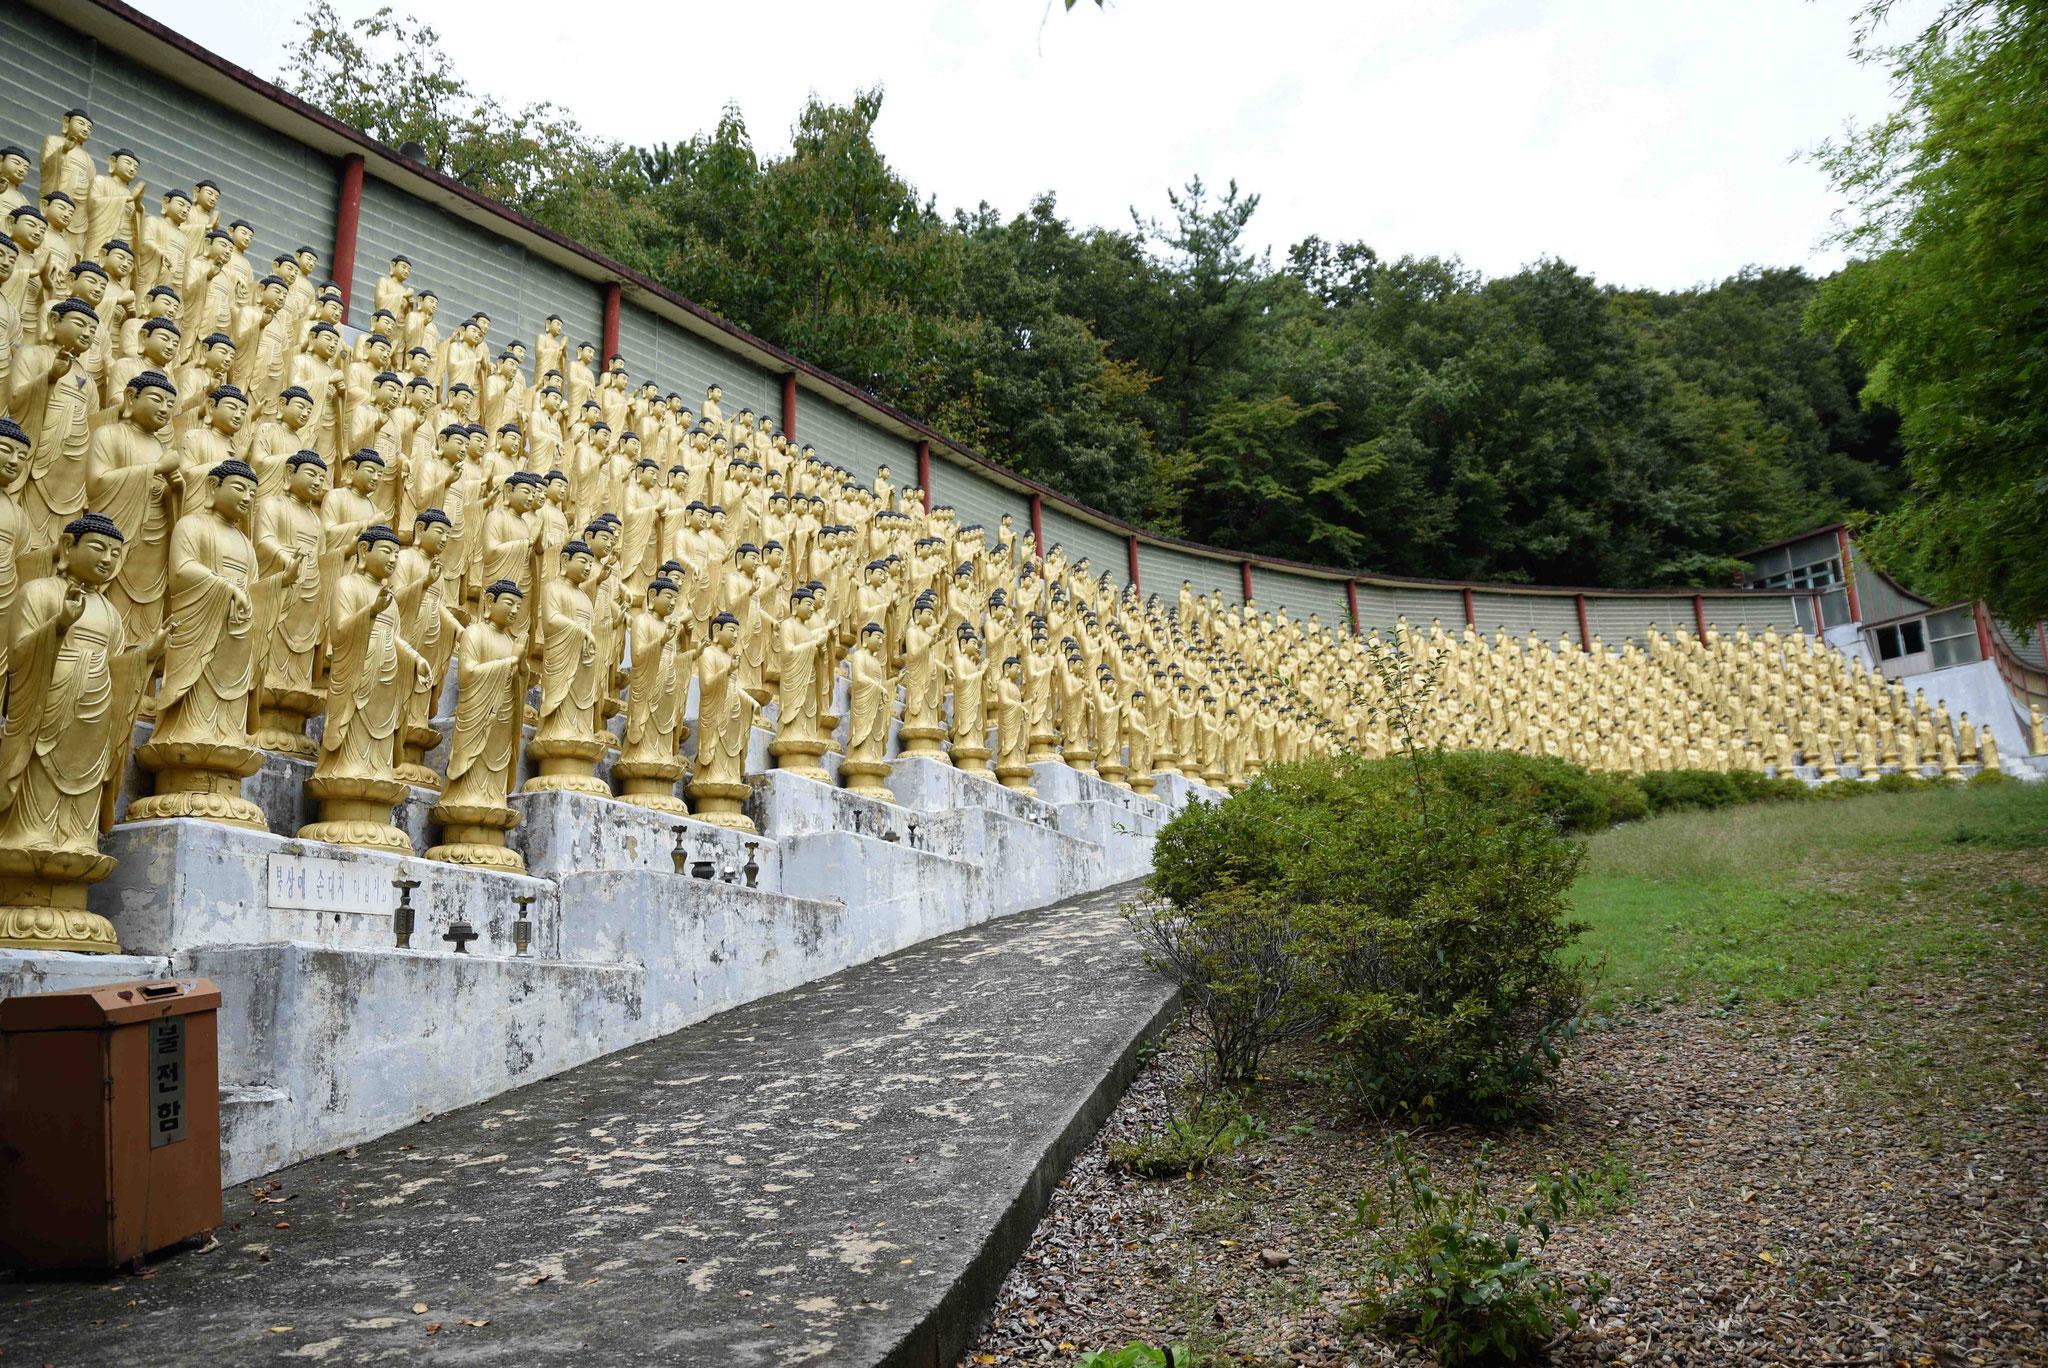 Die linke Hälfte von den 1000 goldenen Buddastatuen